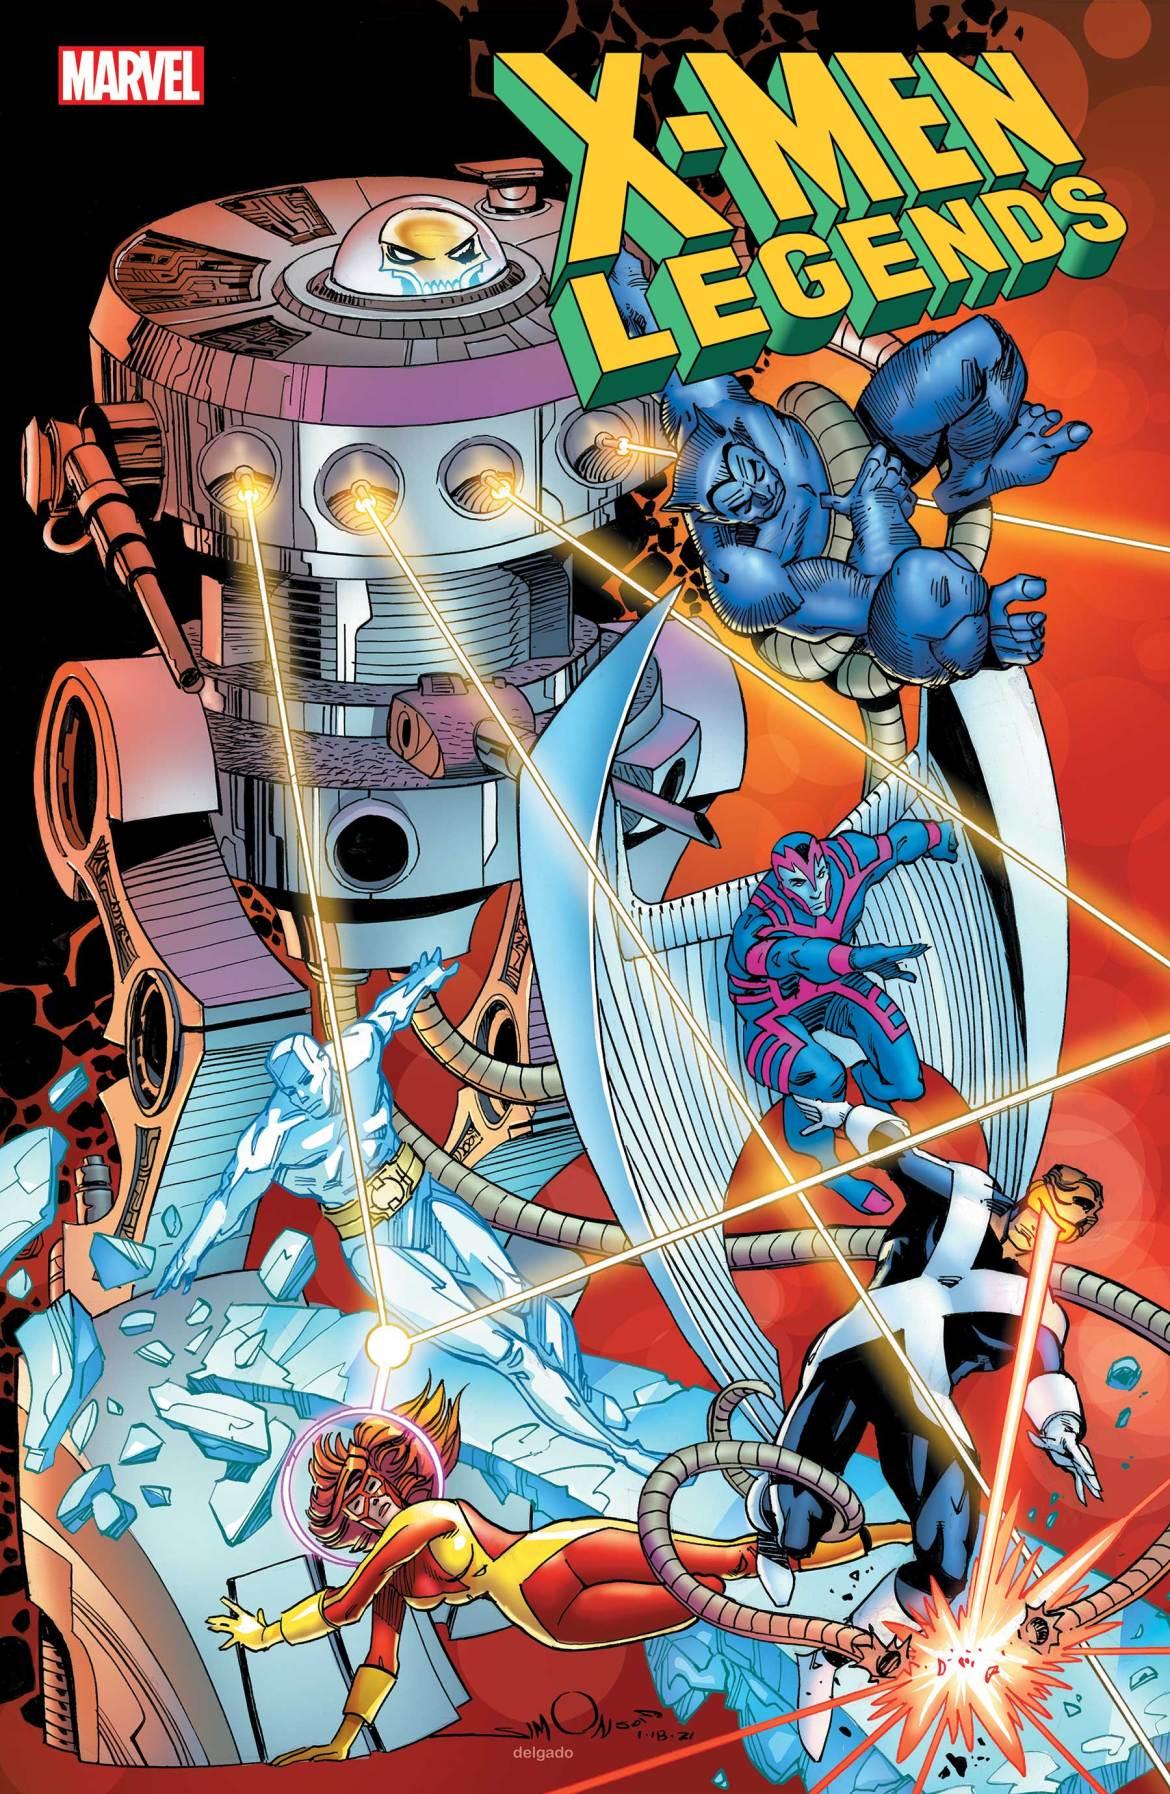 XMLEGENDS2021004 Marvel Comics May 2021 Solicitations